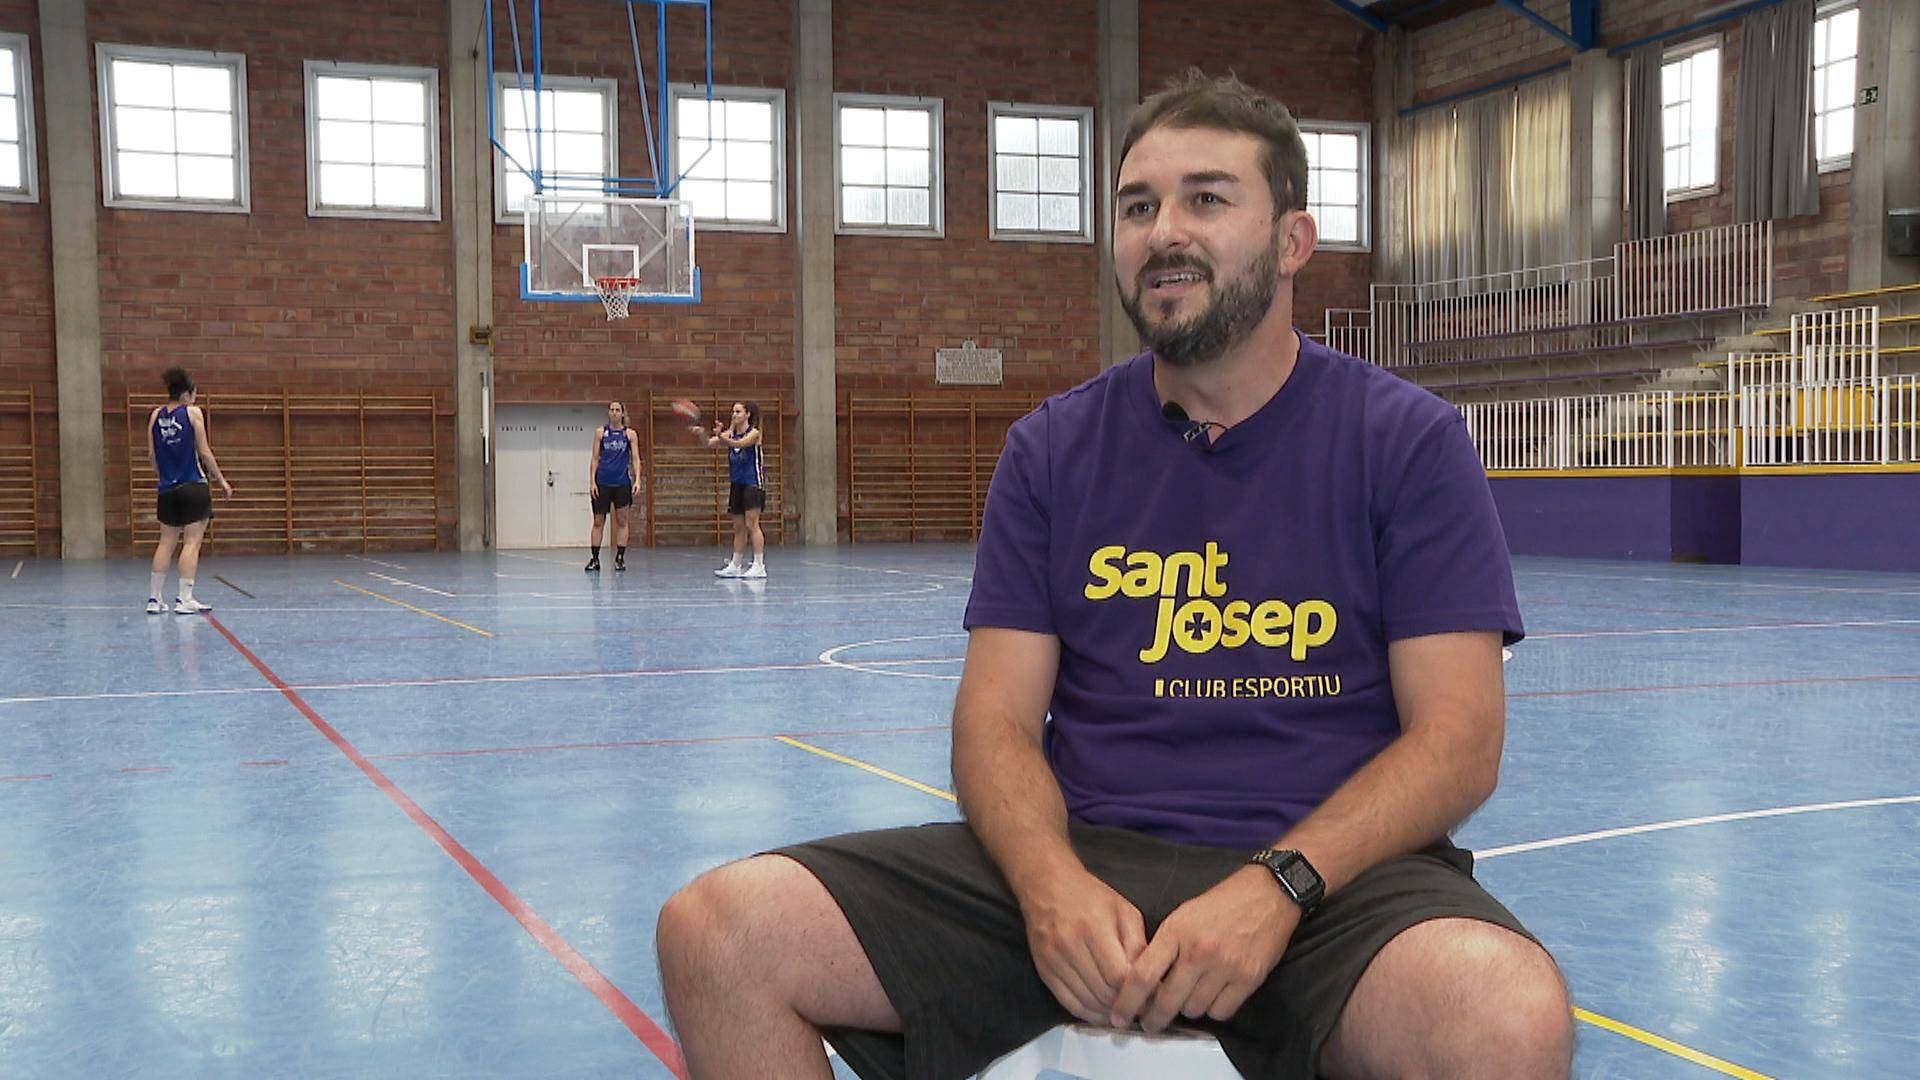 El+nou+projecte+del+Sant+Josep+Obrer